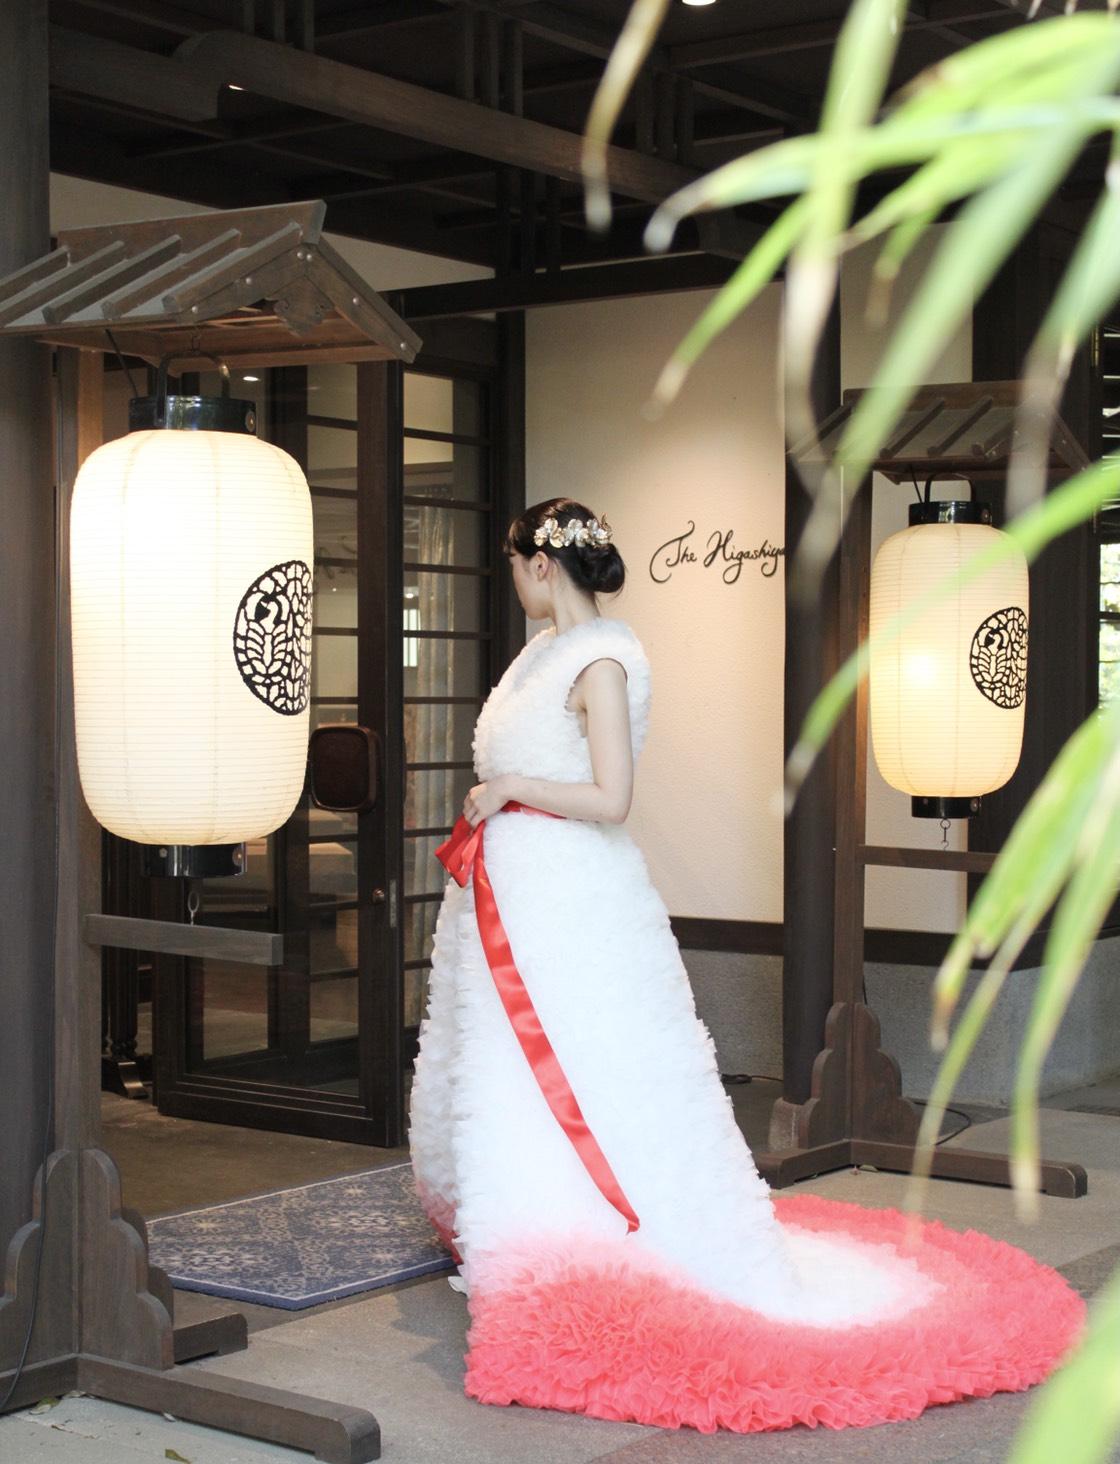 ザ・トリートドレッシング京都店にてお取り扱いをしているドレス。紅白の色味遣いが和の雰囲気を演出